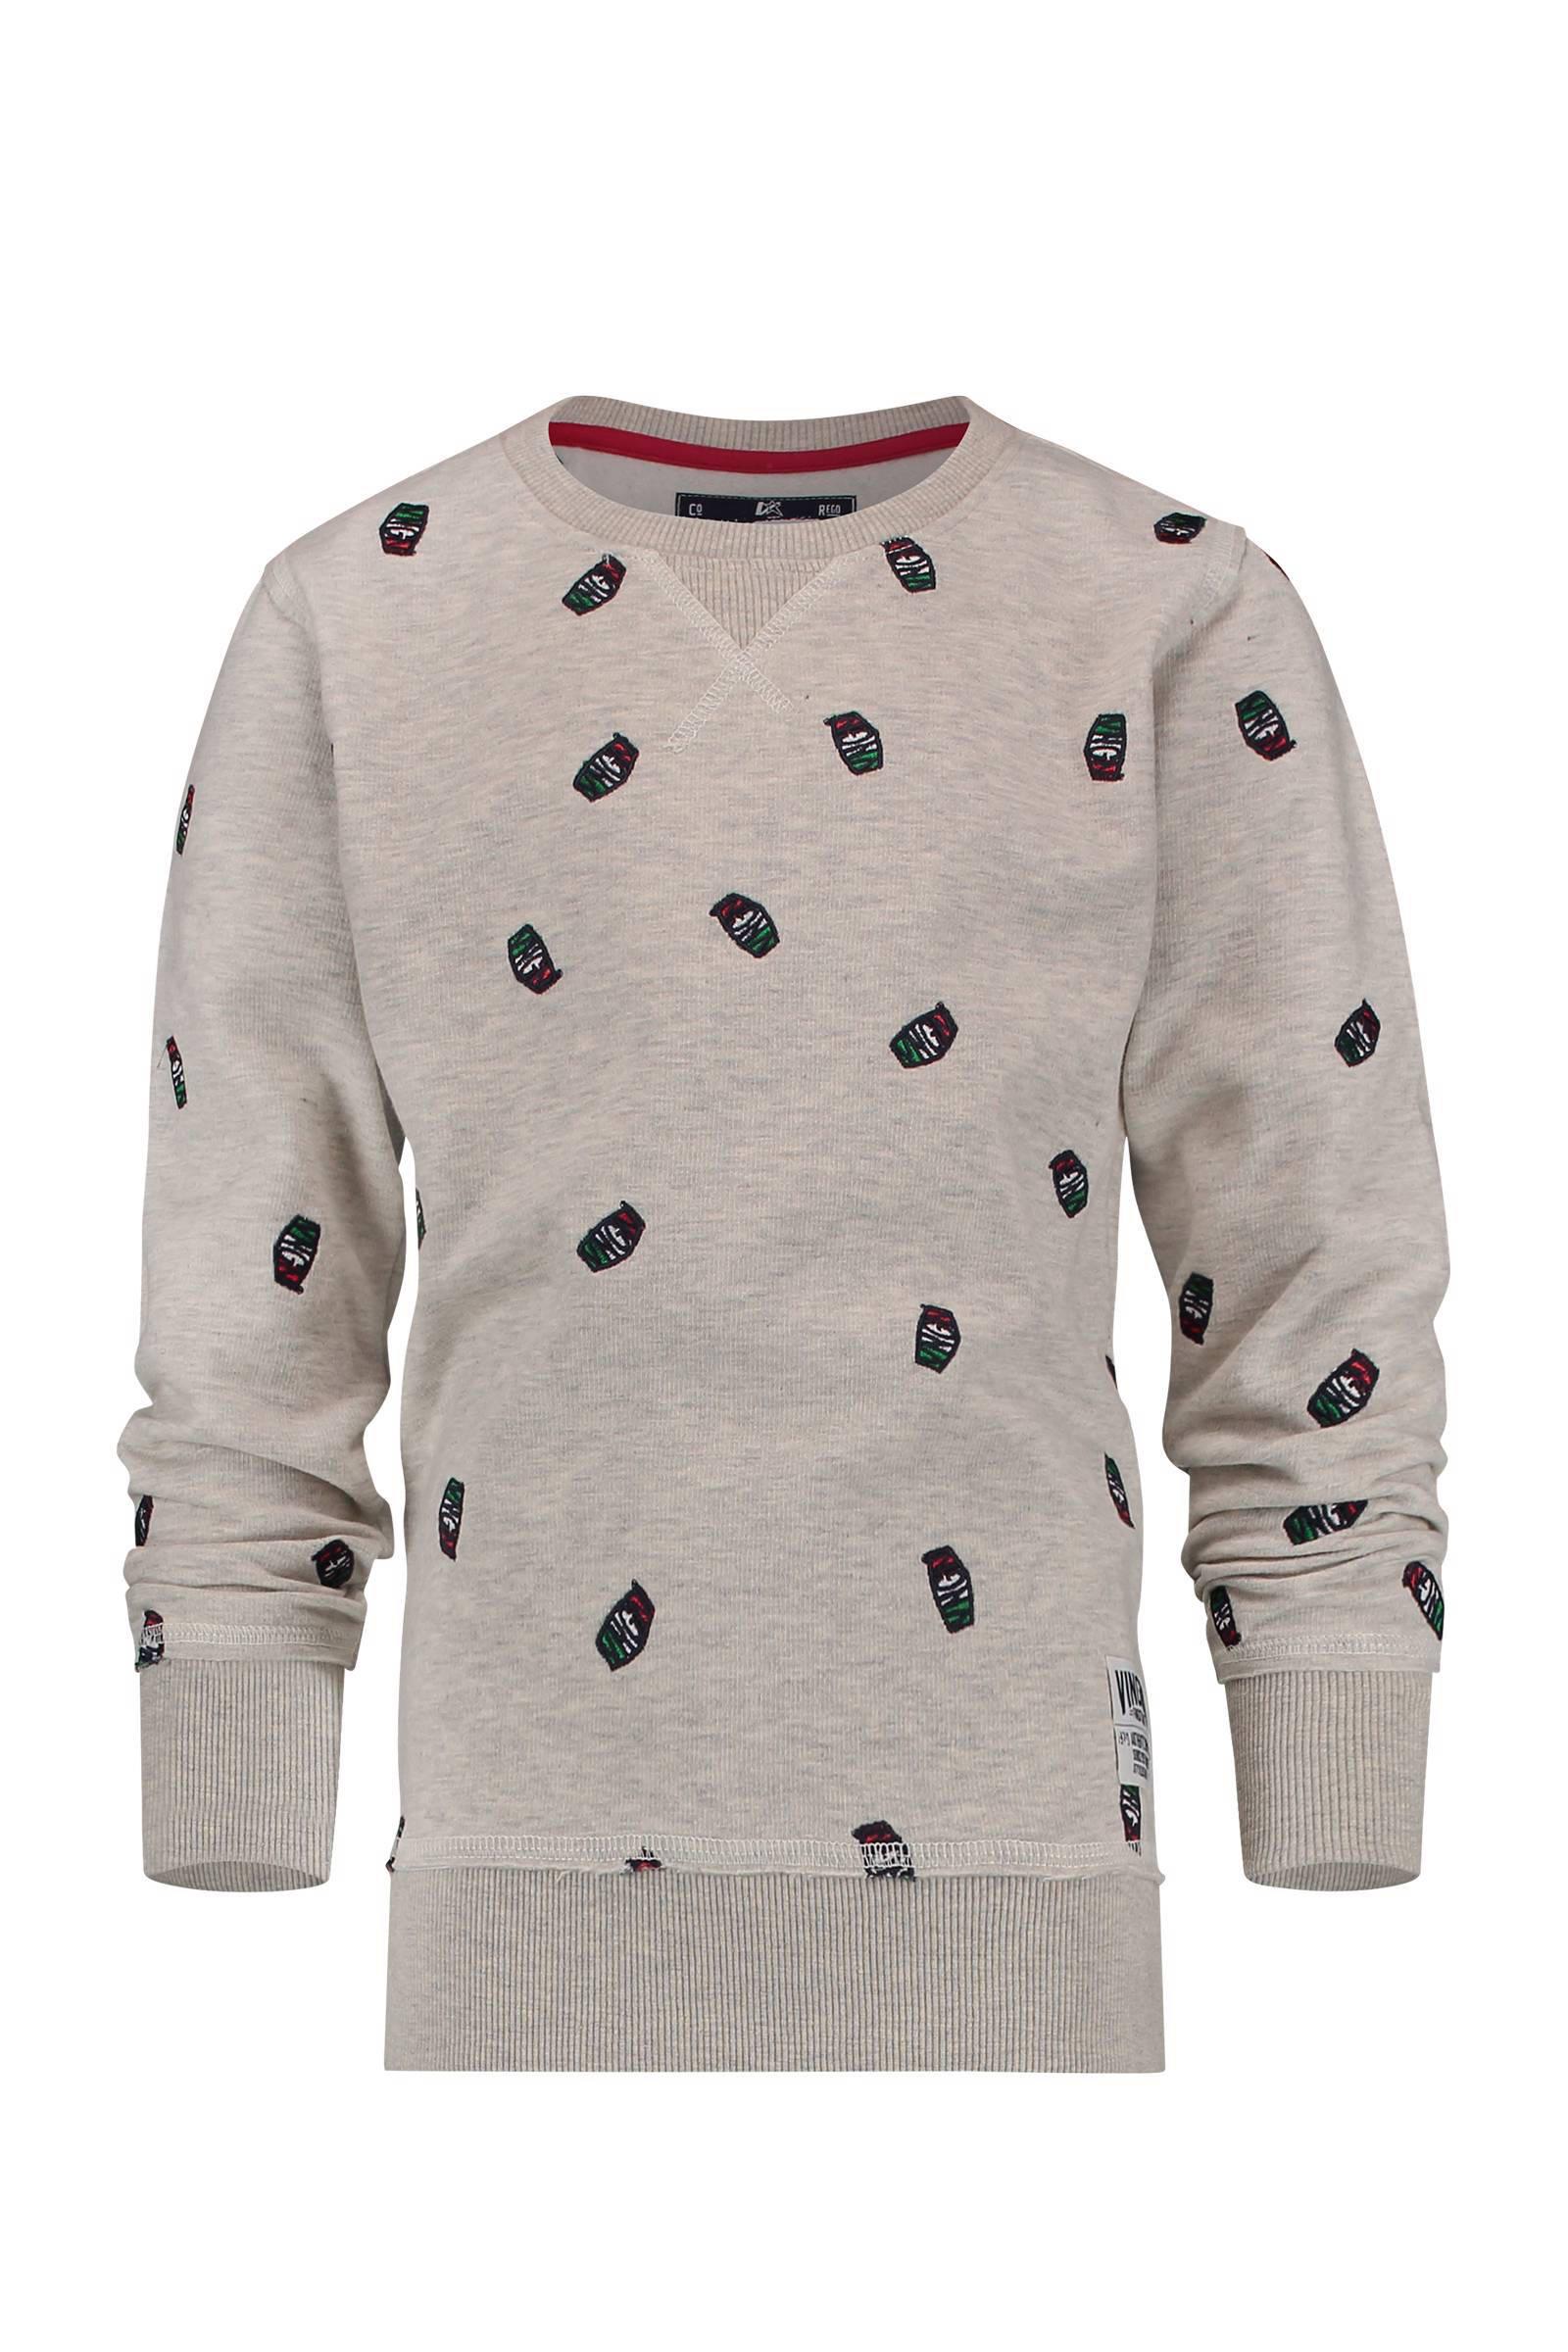 Vingino sweater Naviano met logo's grijs (jongens)